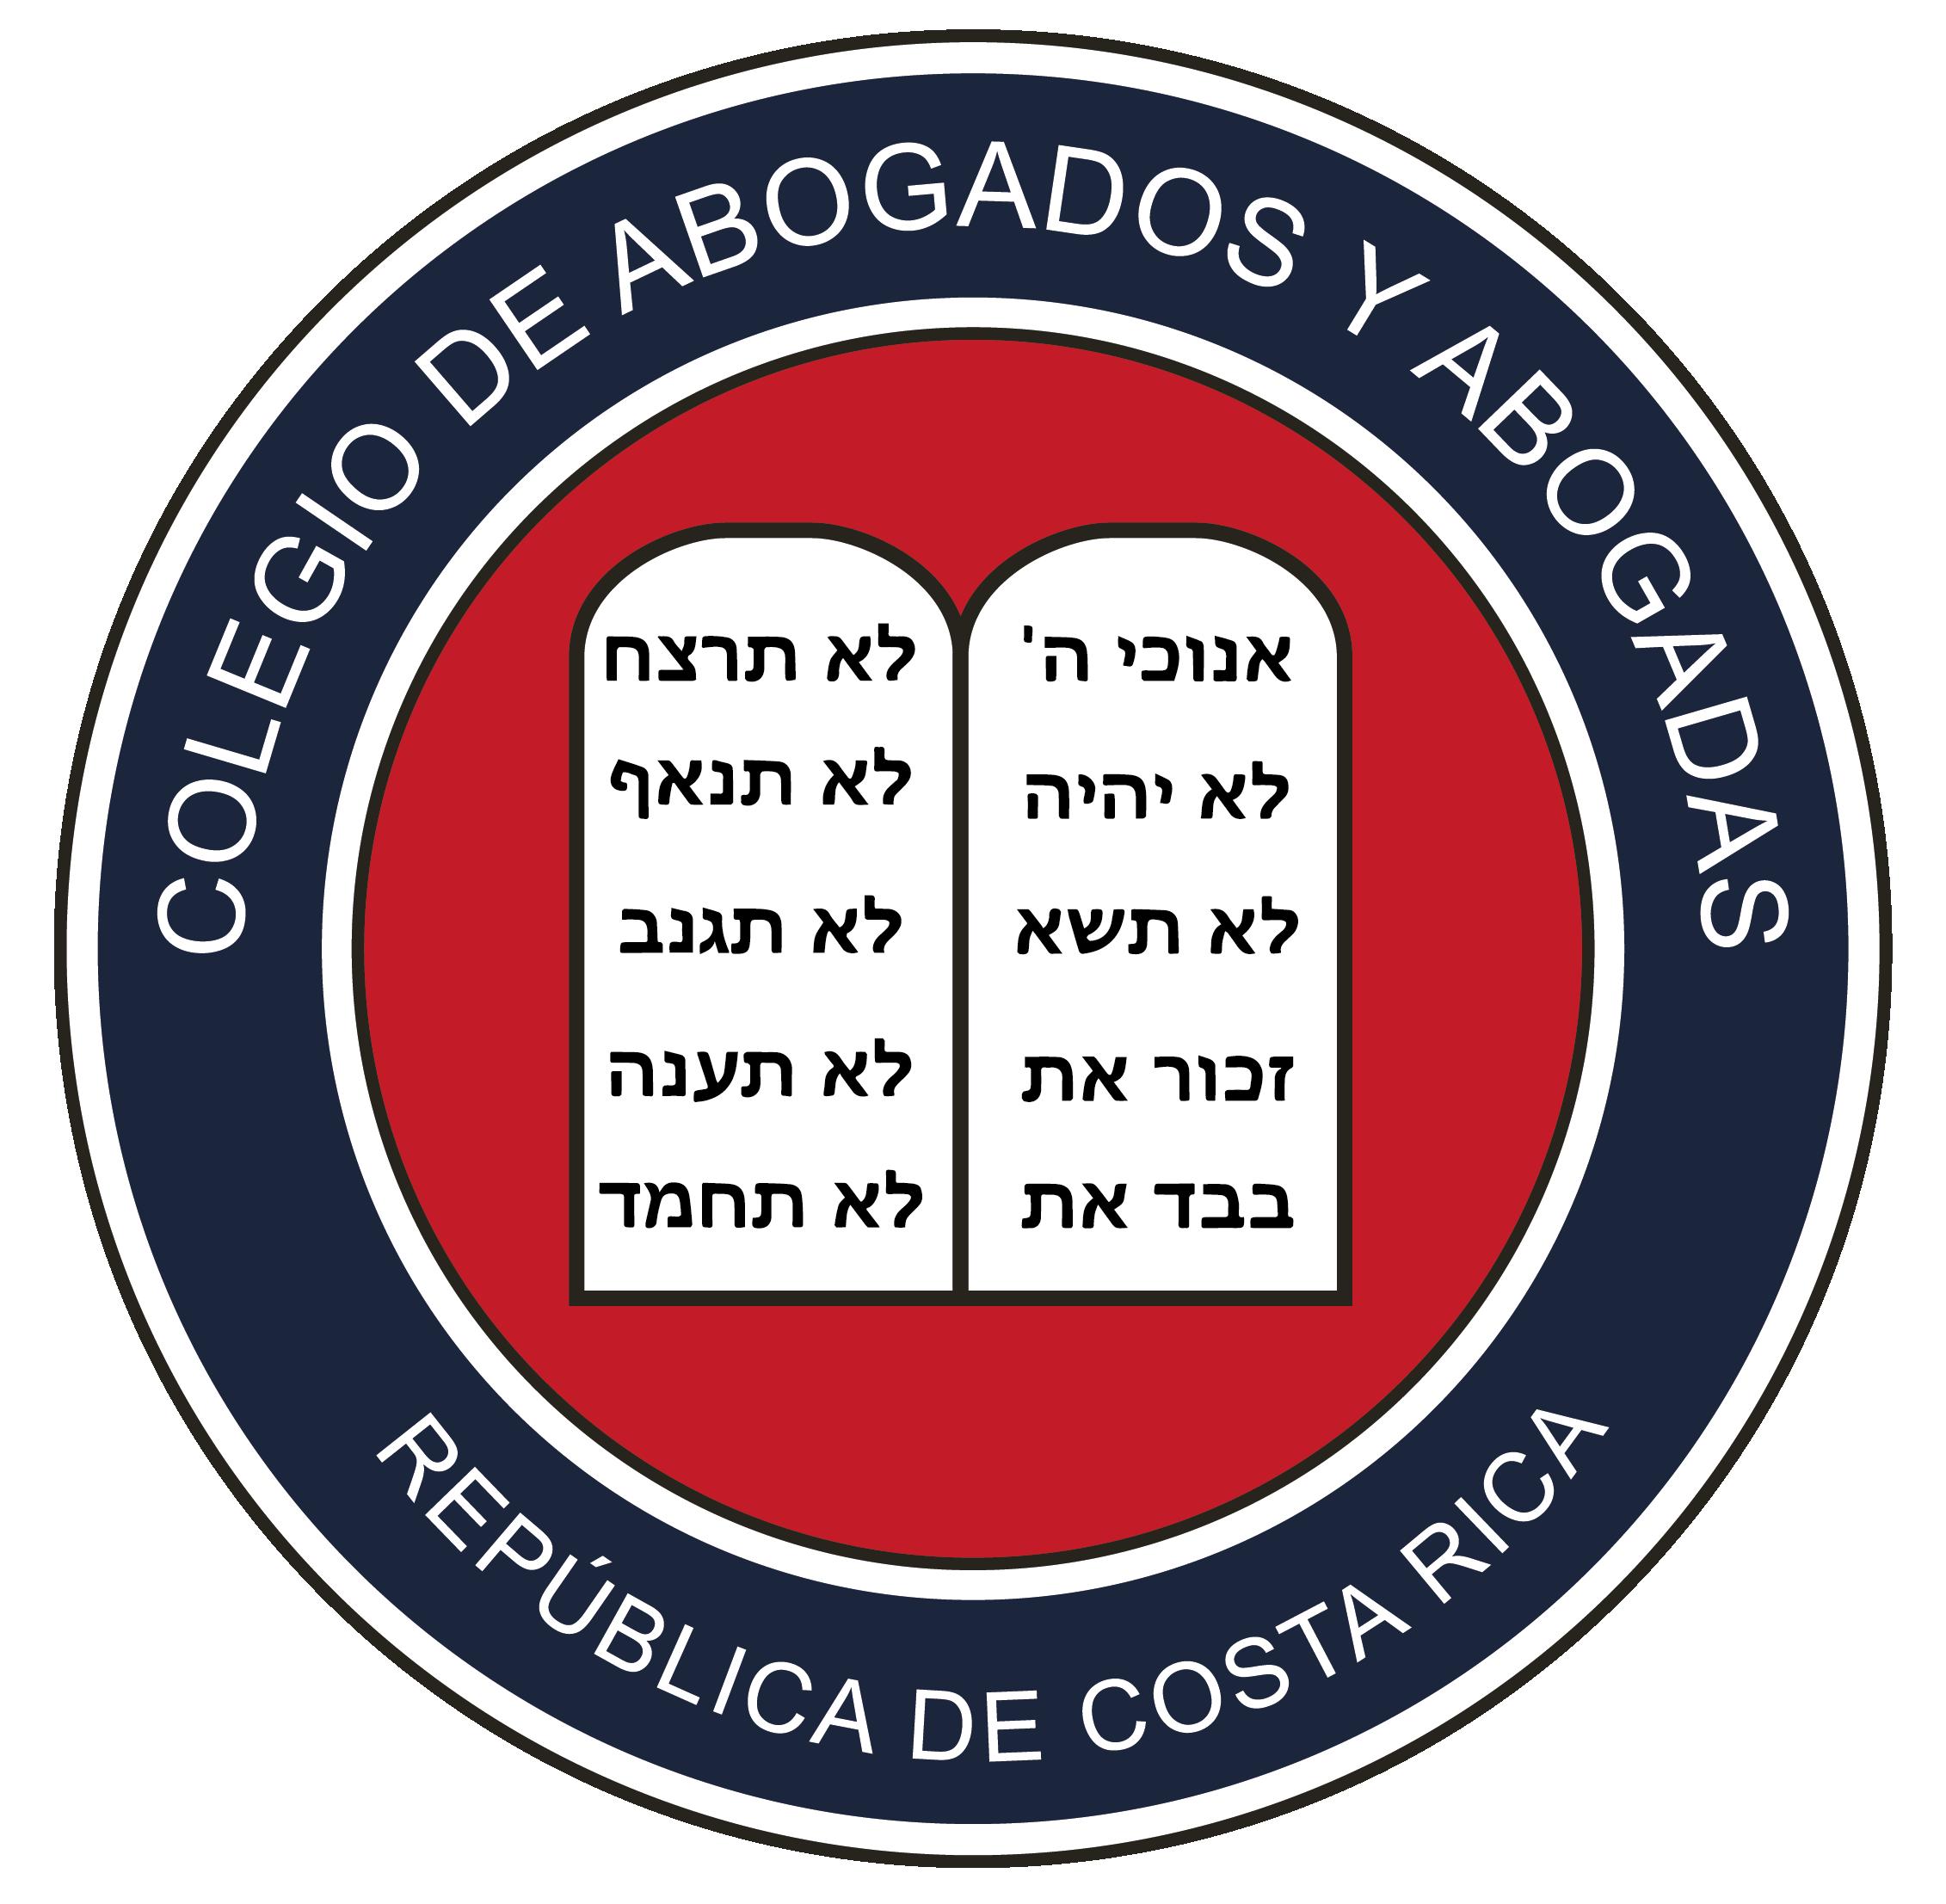 LOGO Colegio de Abogados y Abogadas de Costa Rica